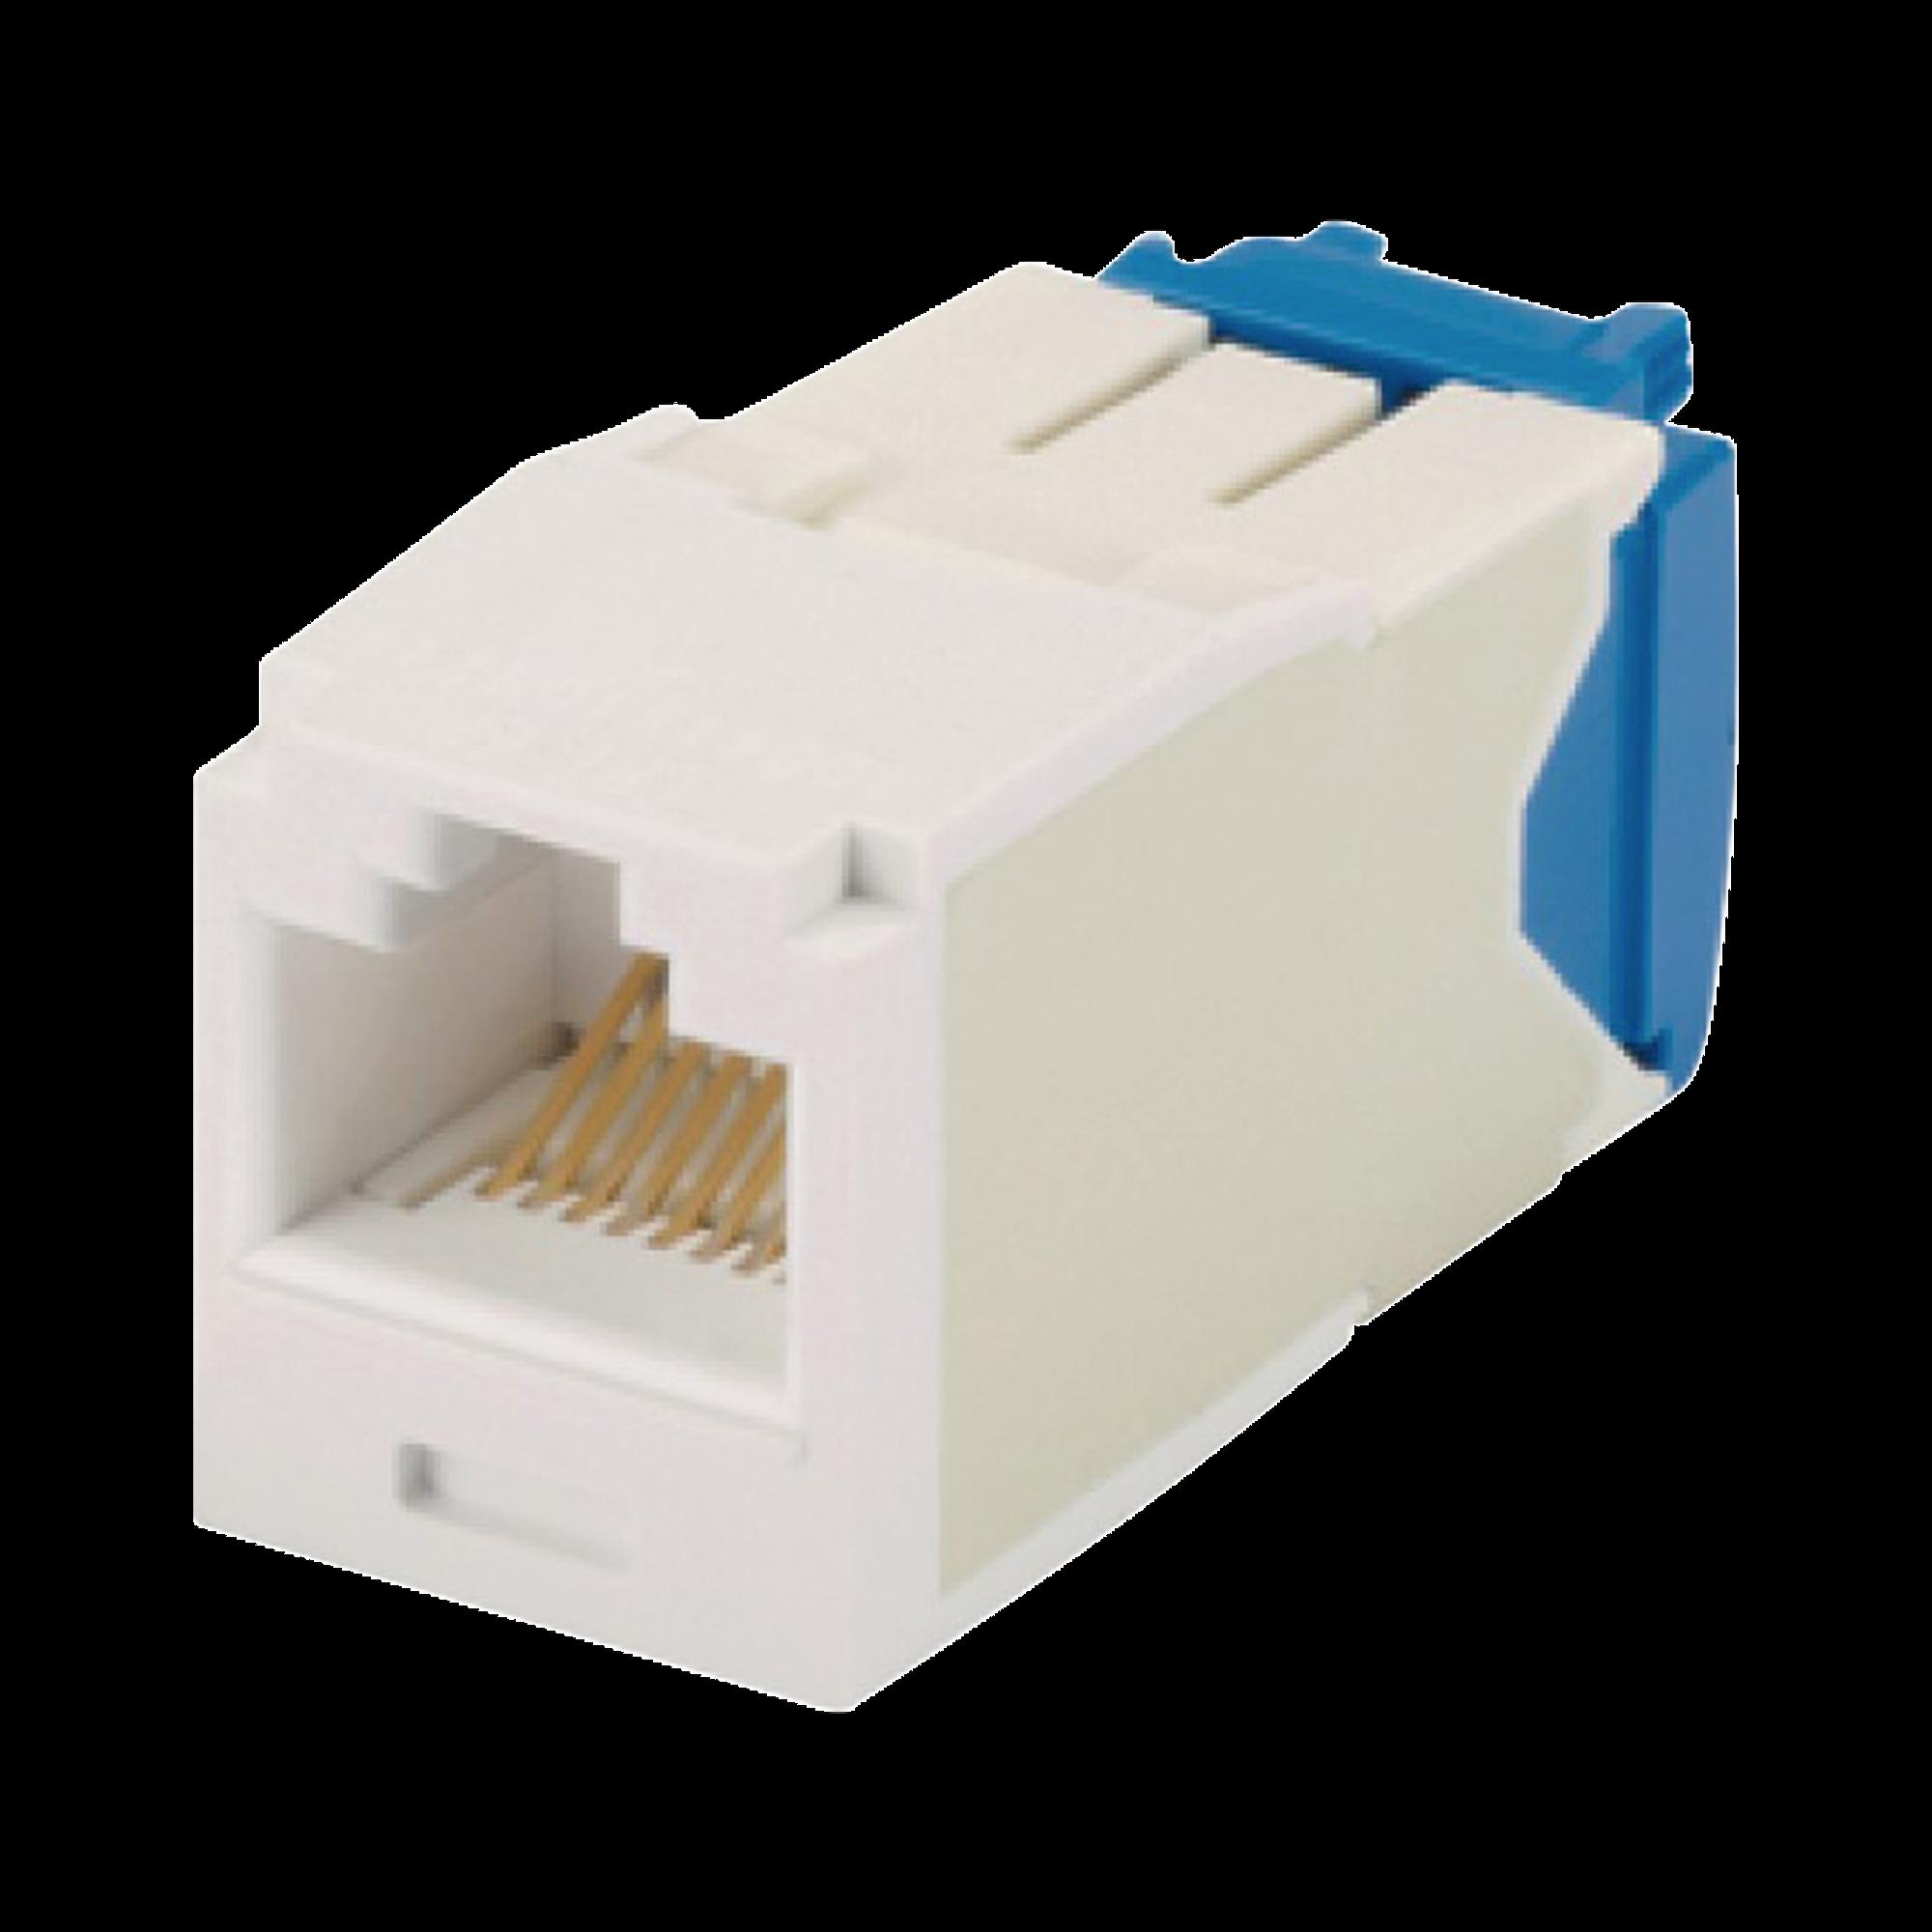 Conector Jack RJ45 Estilo TG, Mini-Com, Categoría 6A, de 8 posiciones y 8 cables, Color Blanco